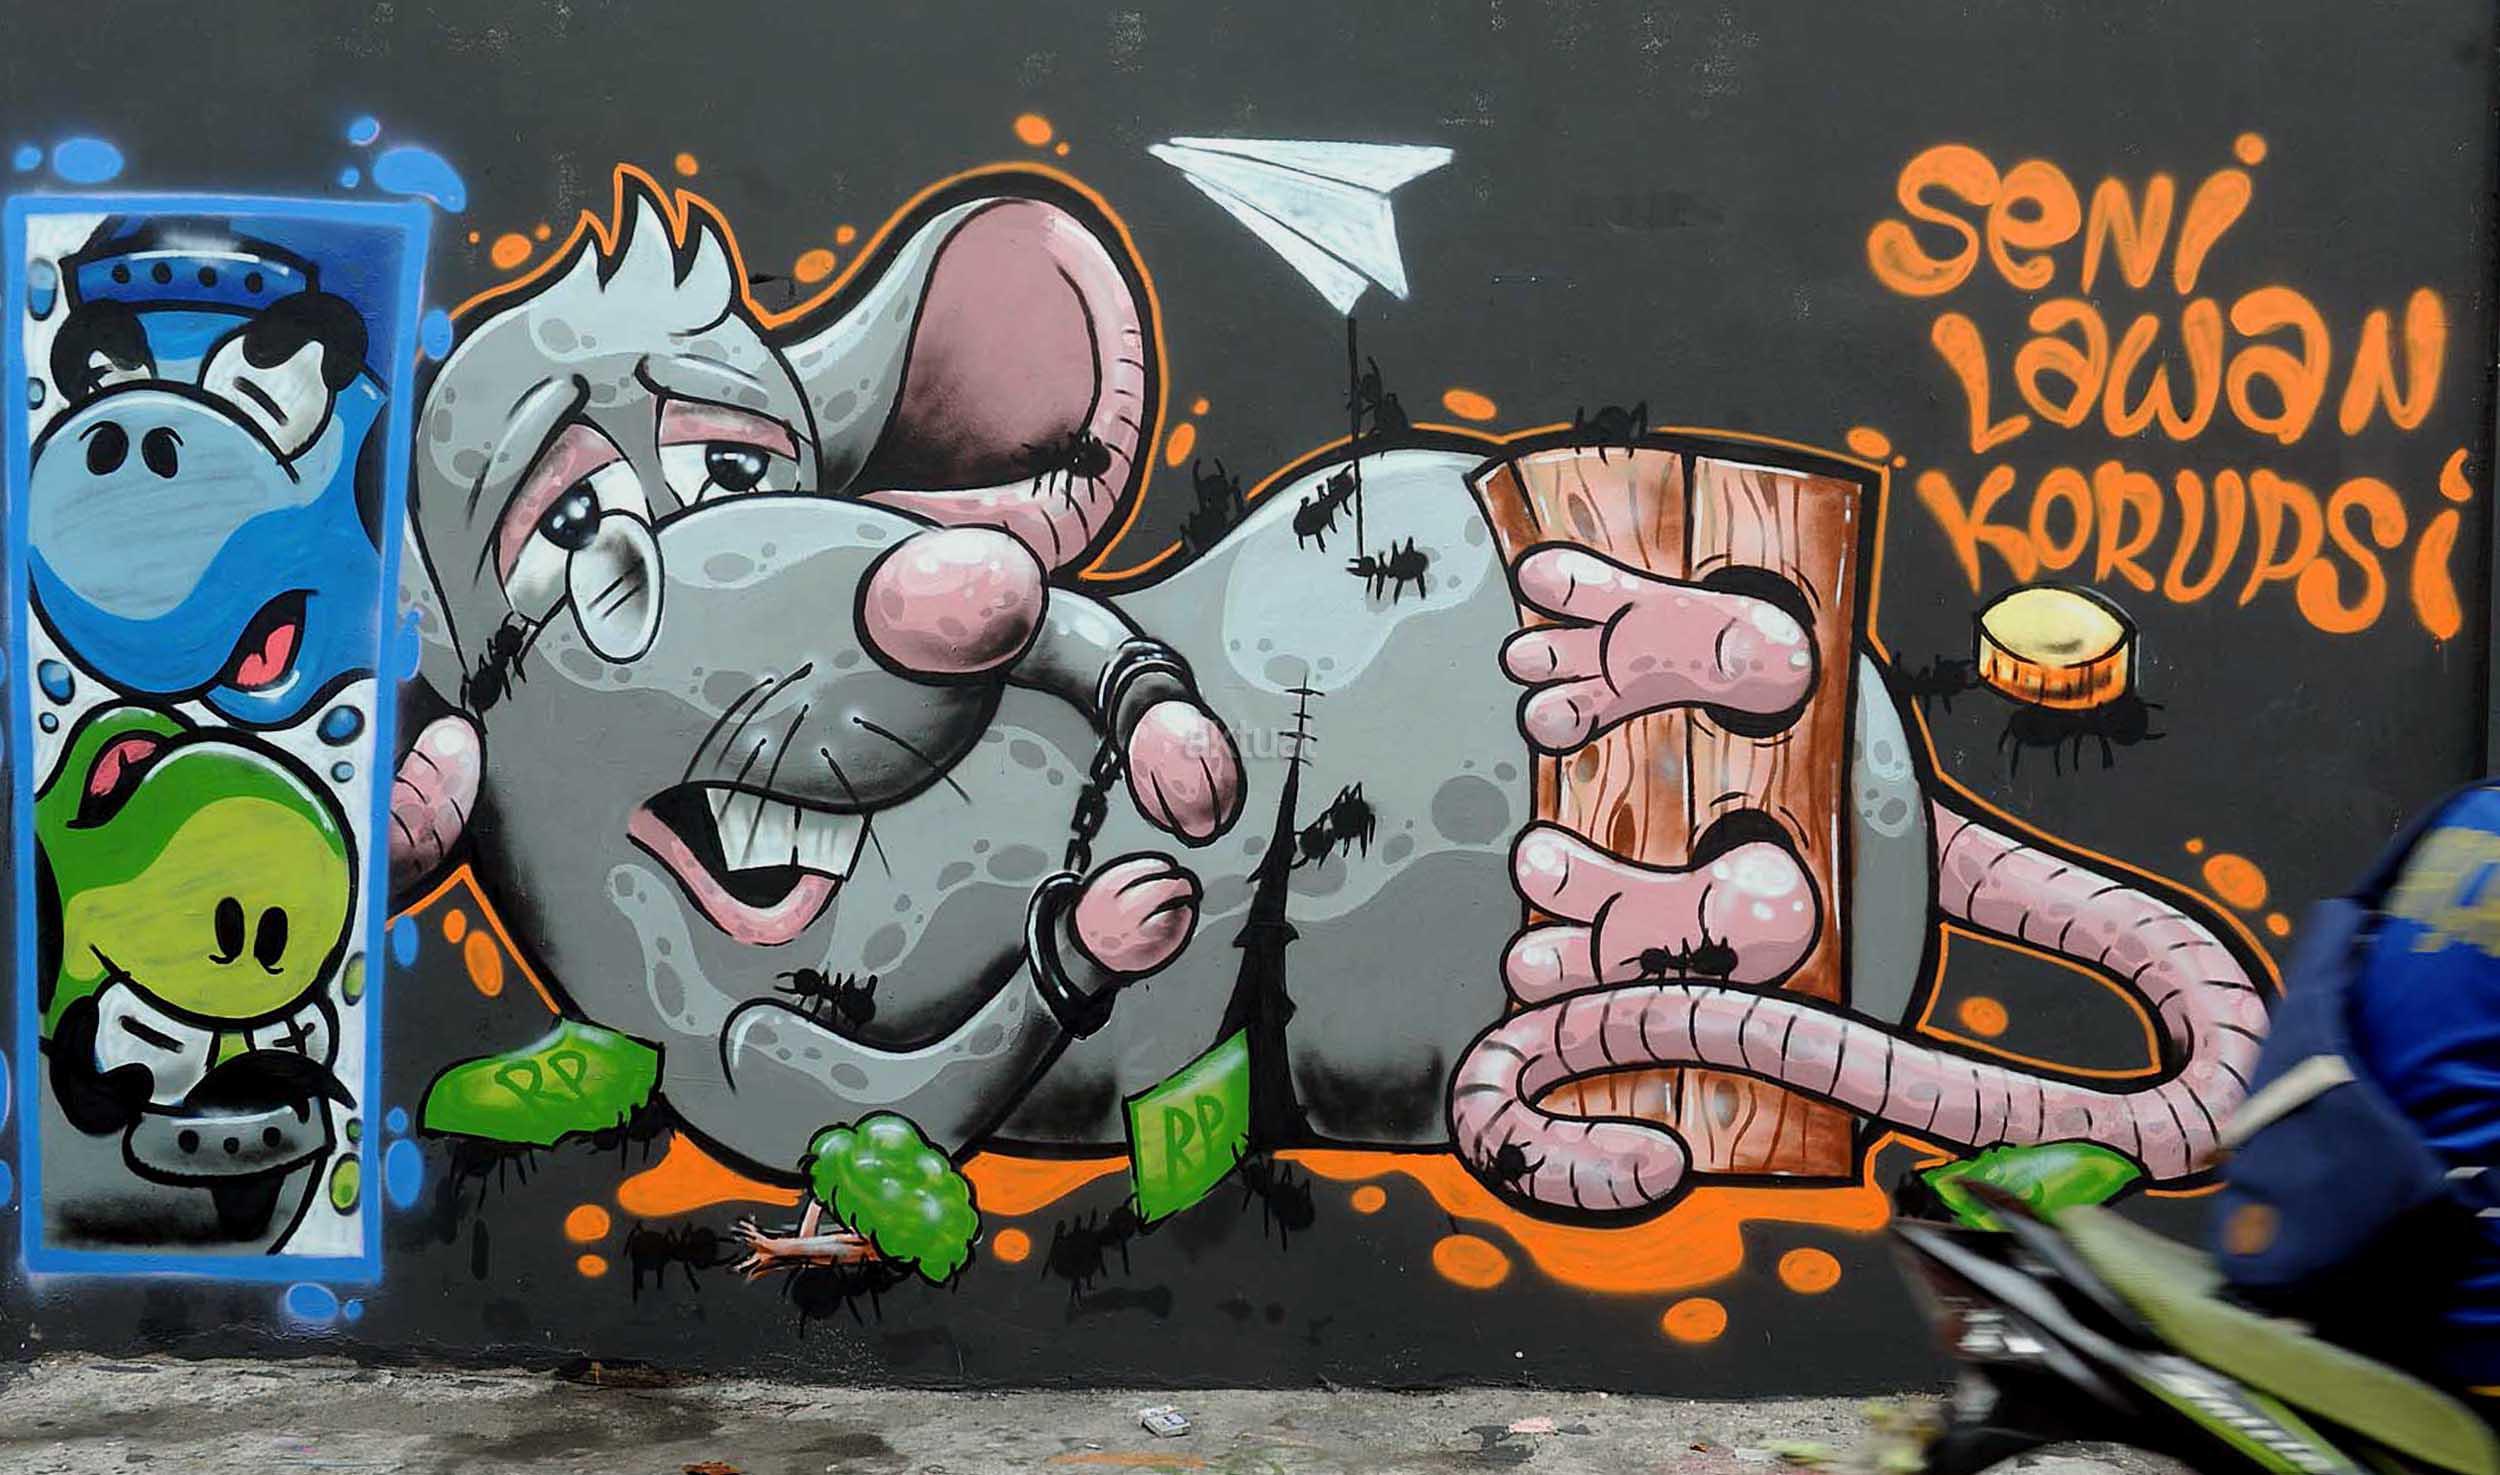 Mural lawan korupsi aktual com terhangat terpercaya for Mural indonesia